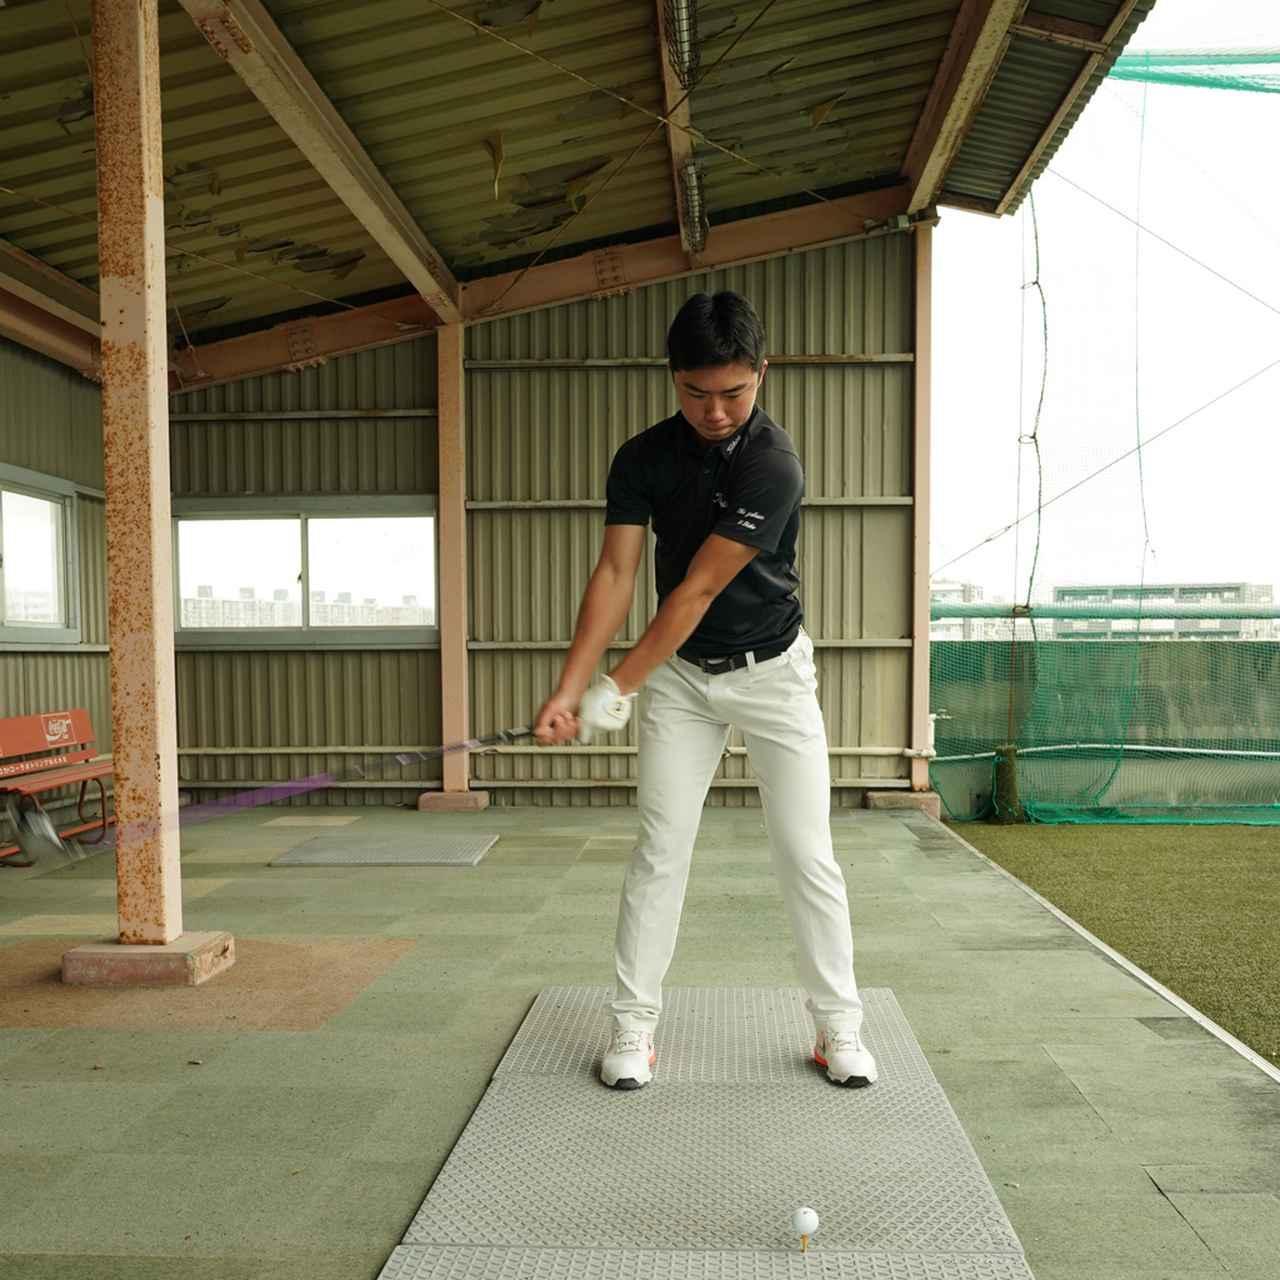 画像1: 【10本で握る】テンフィンガーグリップで300ヤードを飛ばす高校2年! 篠塚武久先生が教え子、出利葉太一郎くんのスウィングを解説